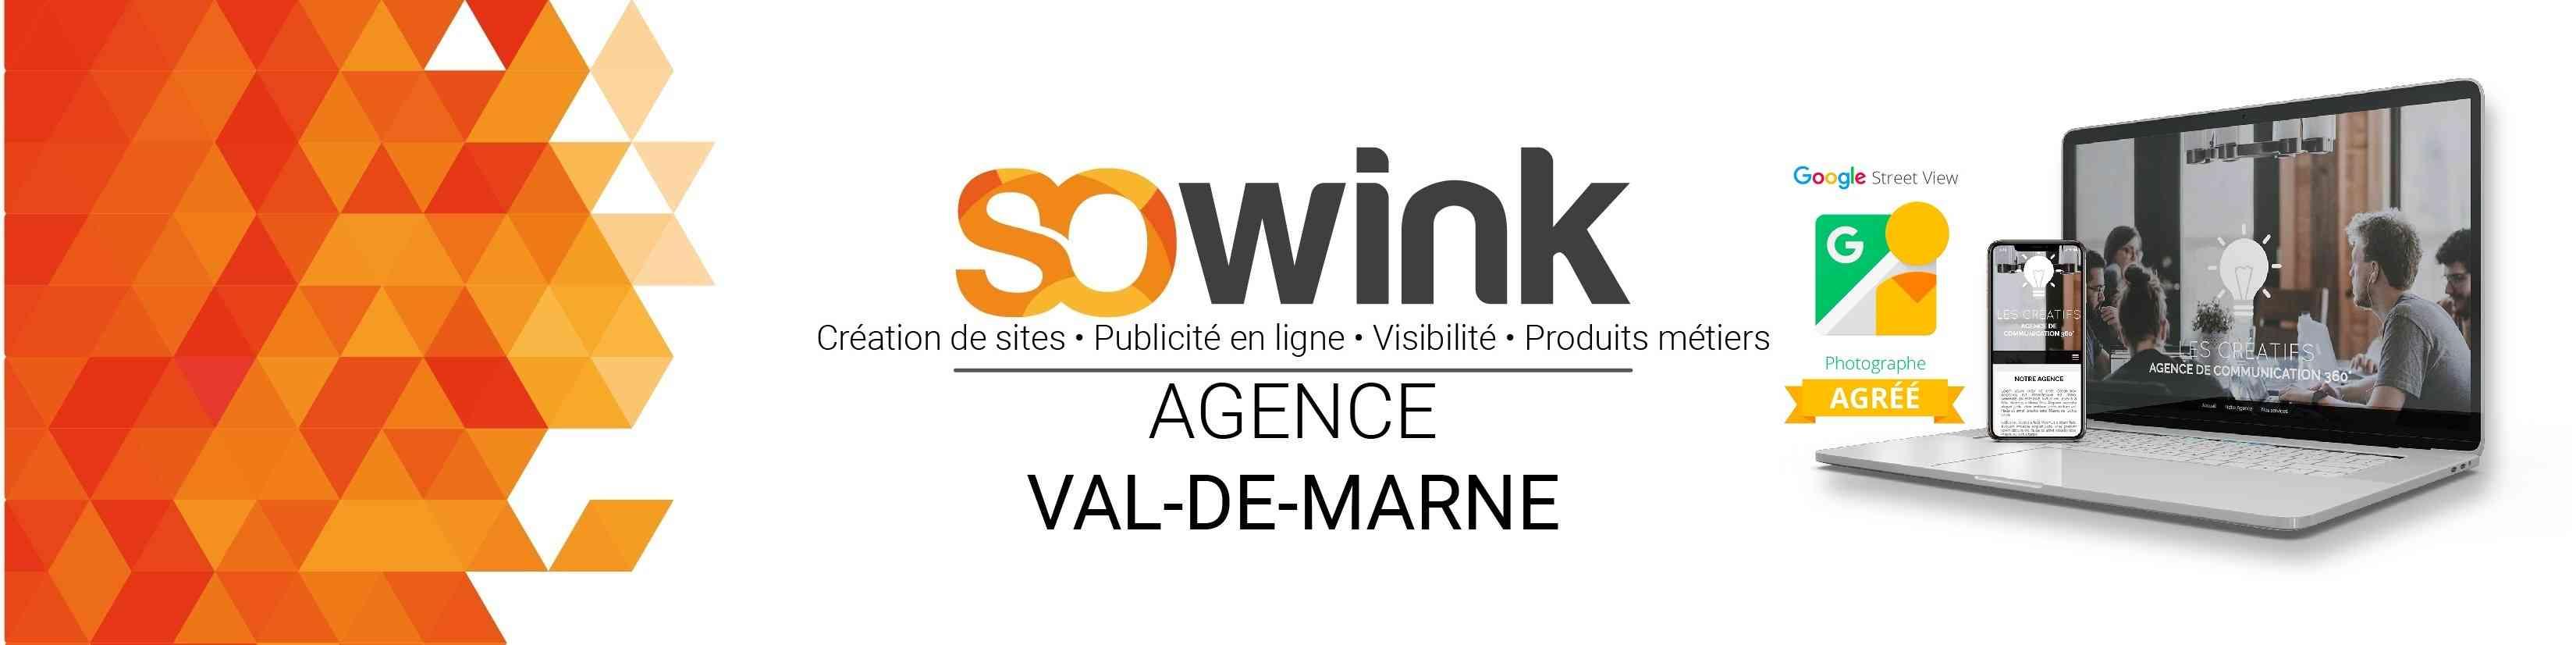 GCSE WEBDIGITAL | Vitry-sur-Seine France | visite virtuelle 360 3D VR